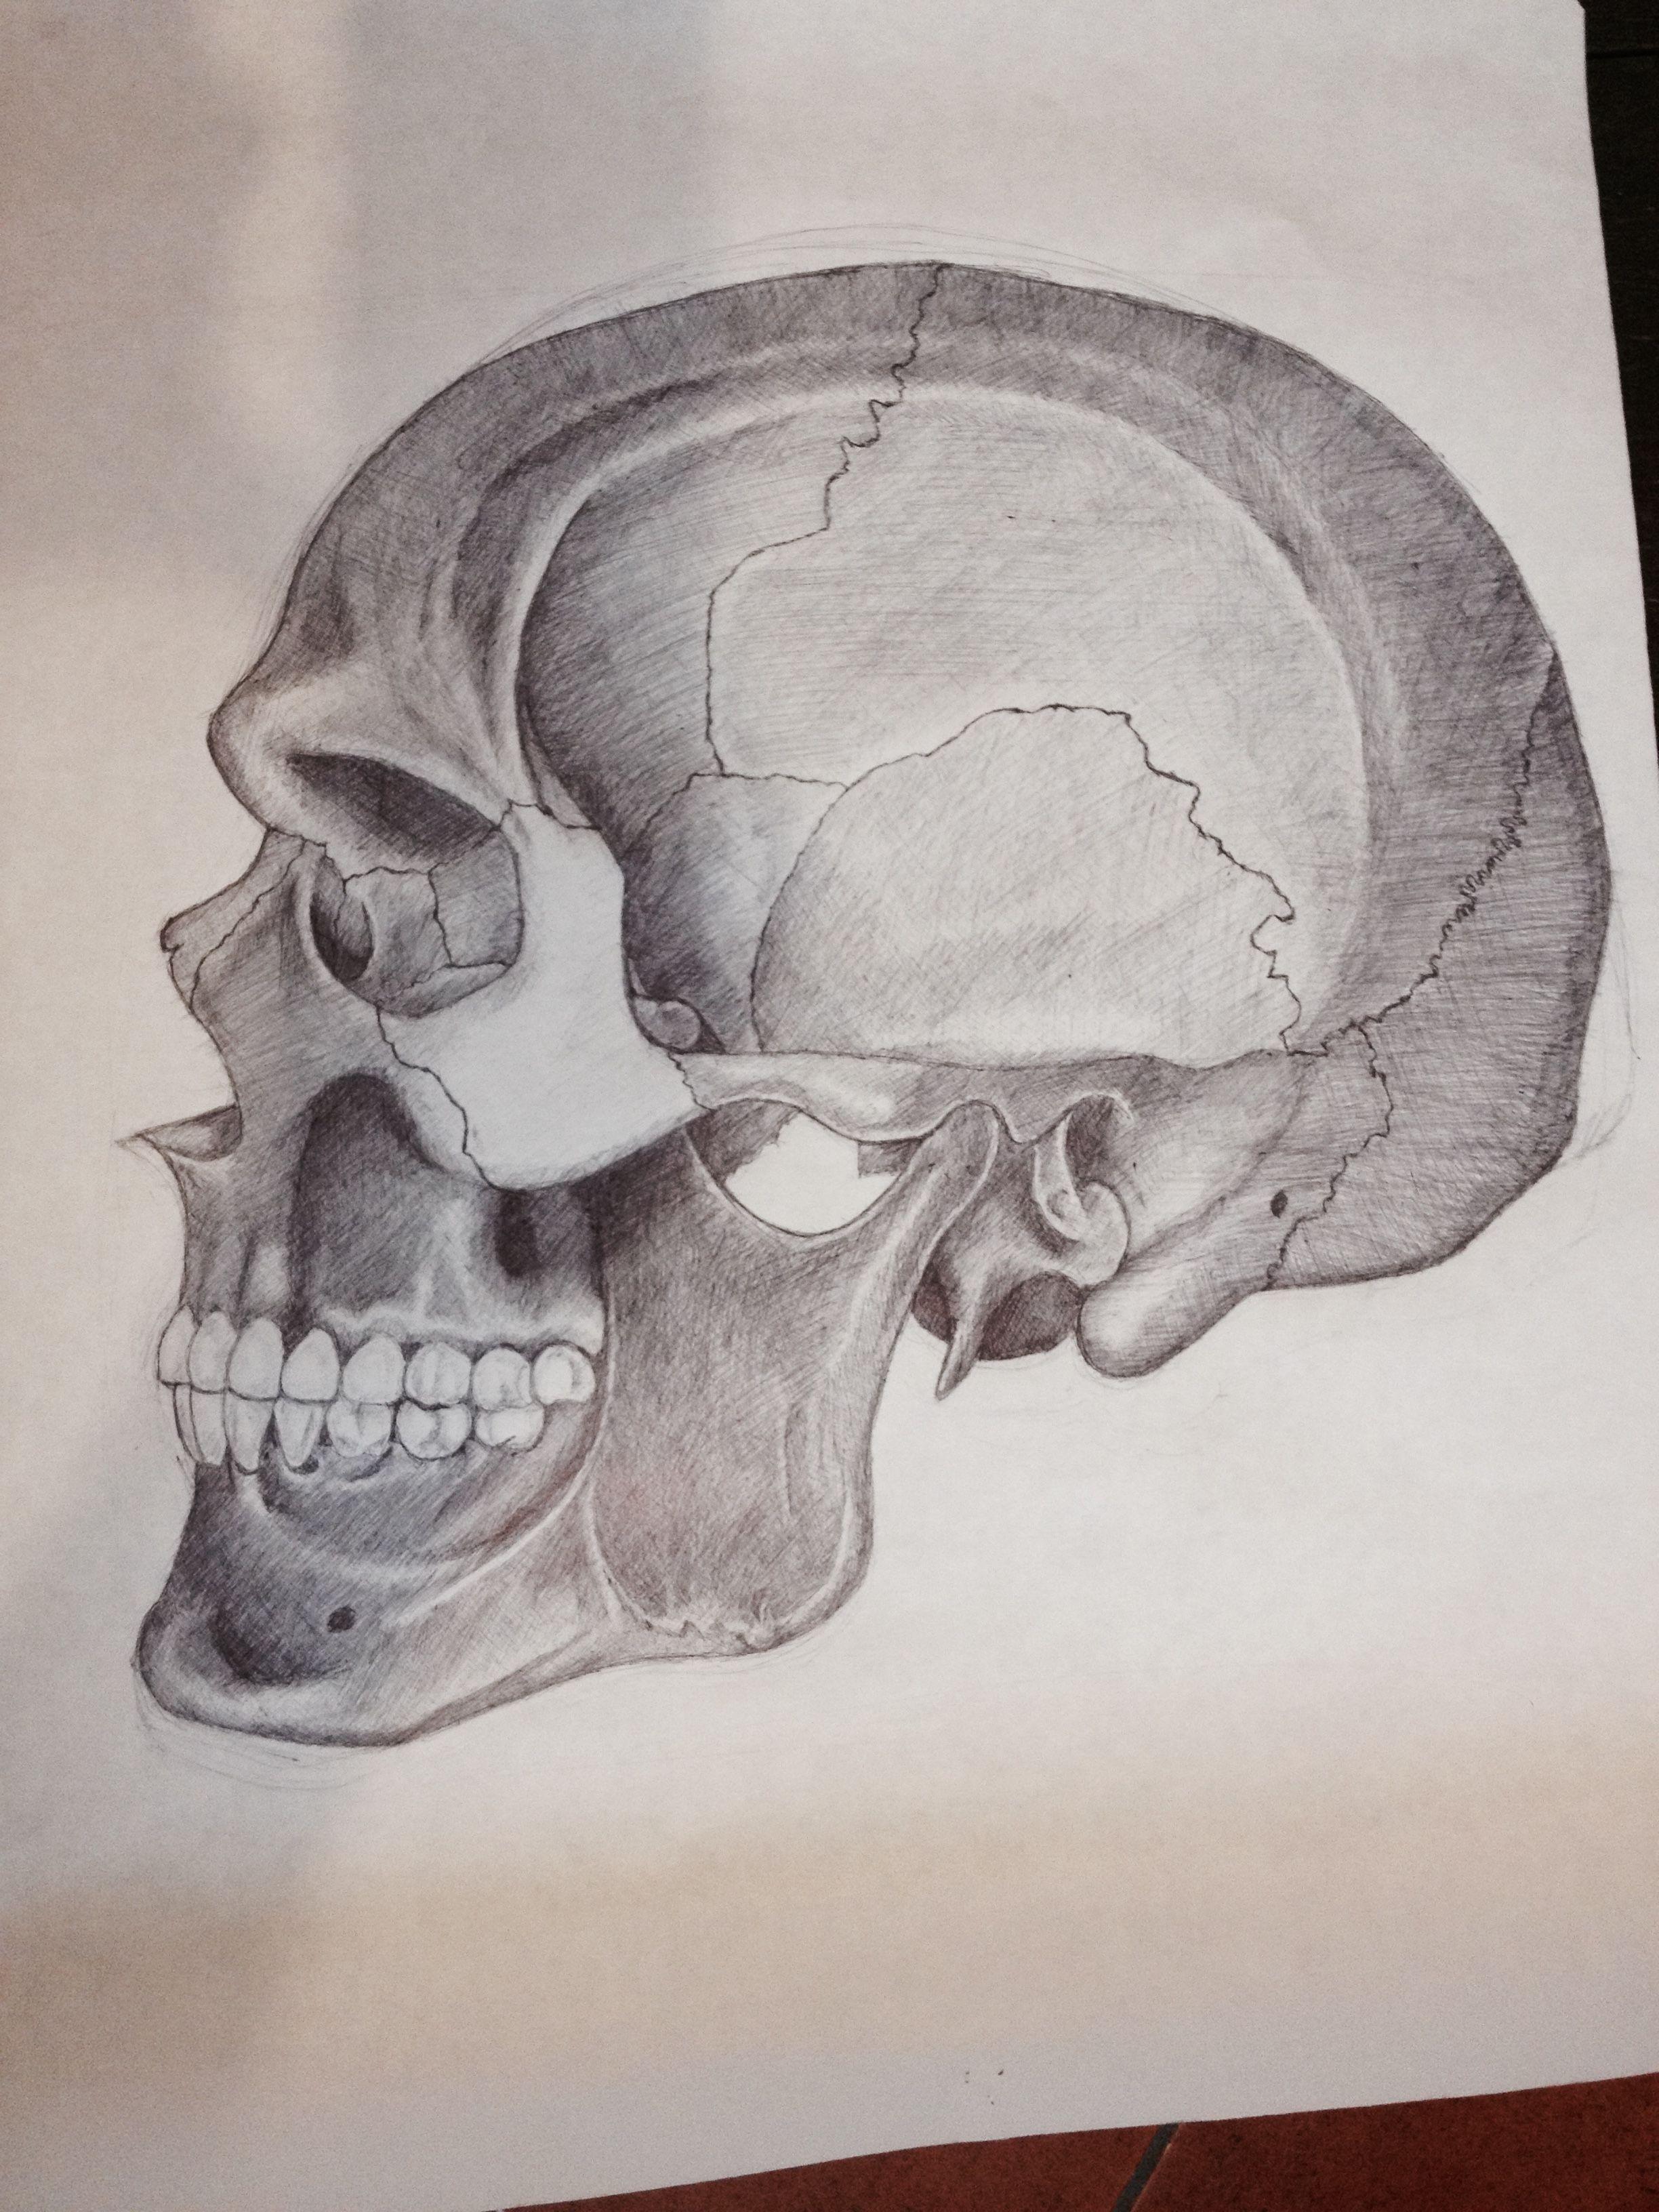 Skull Anatomy from side in pen